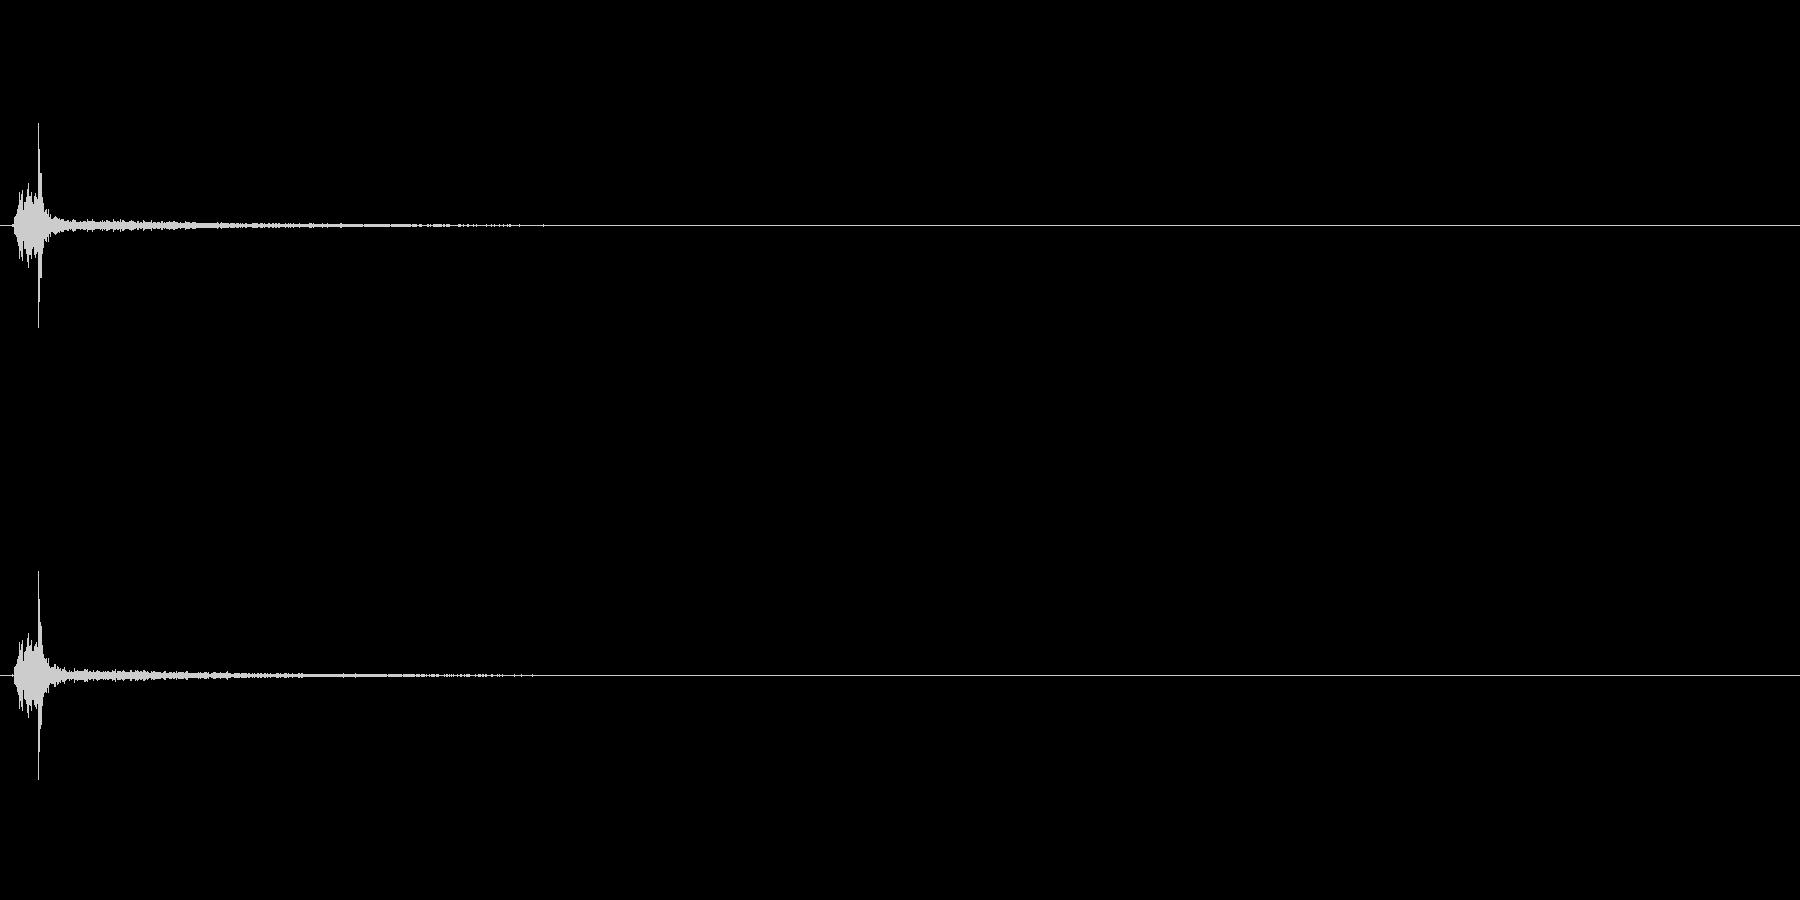 ゴルフ:1Wでフルスイング(残響あり)の未再生の波形